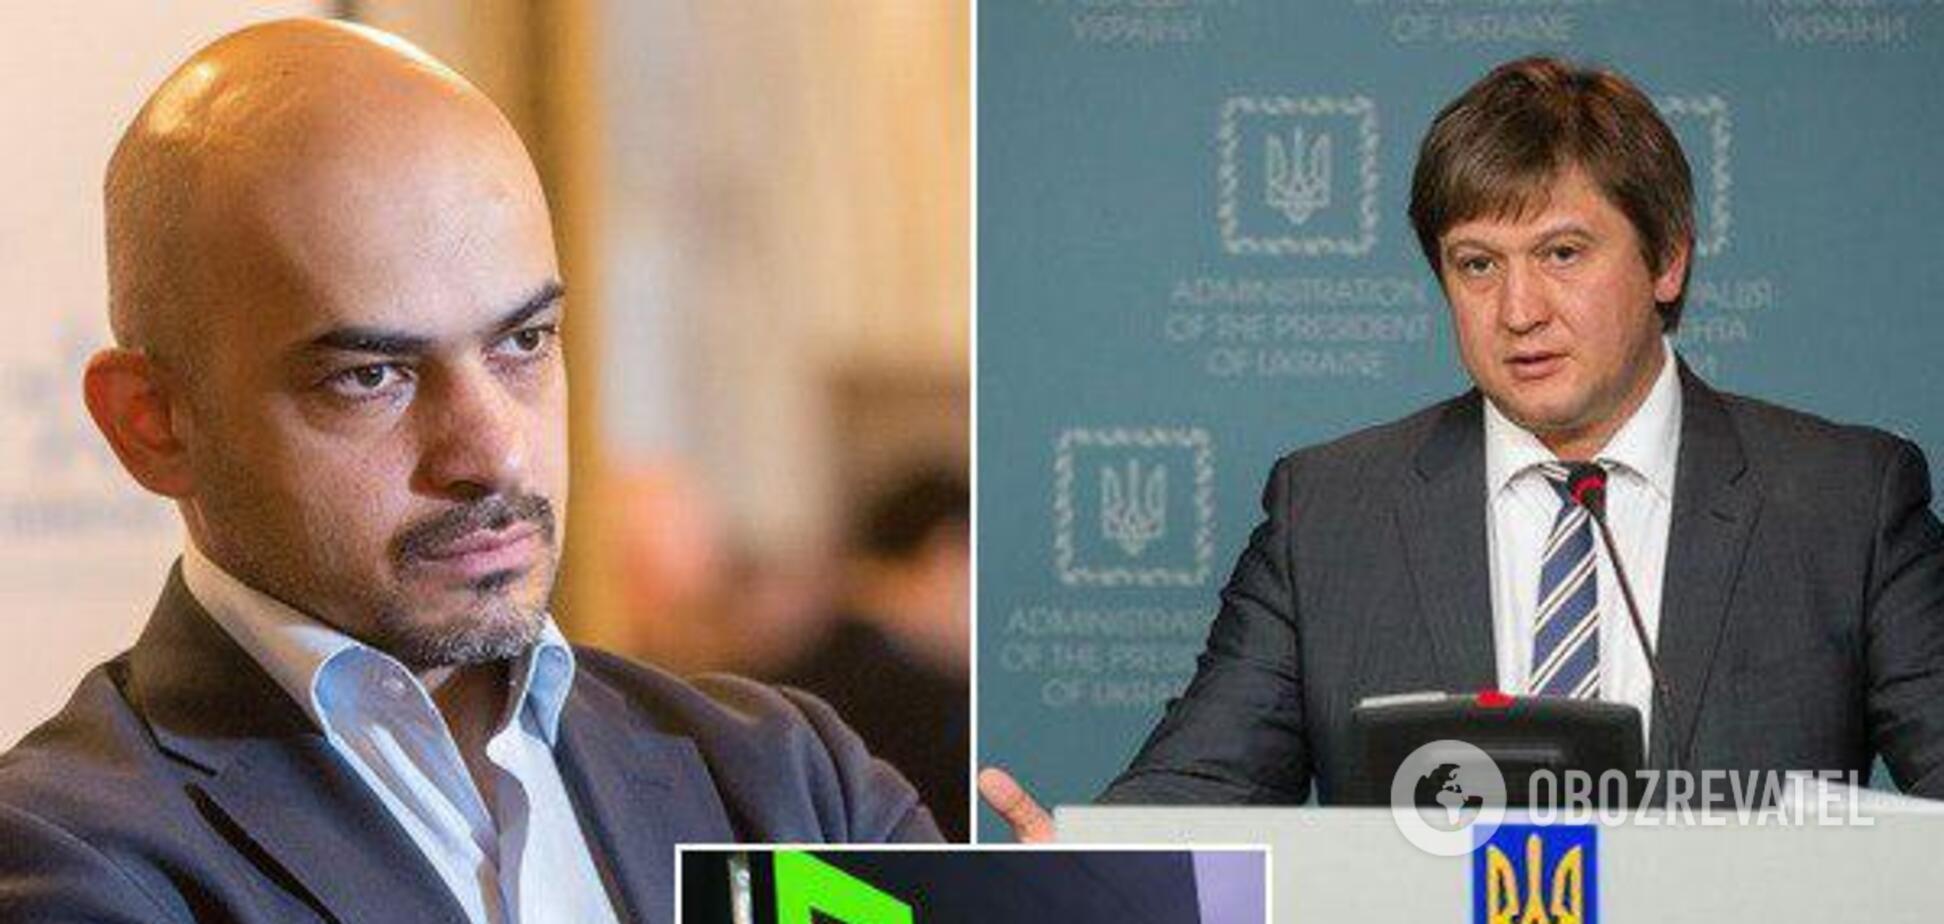 Найем обратился к команде Зеленского из-за отмены национализации ПриватБанка